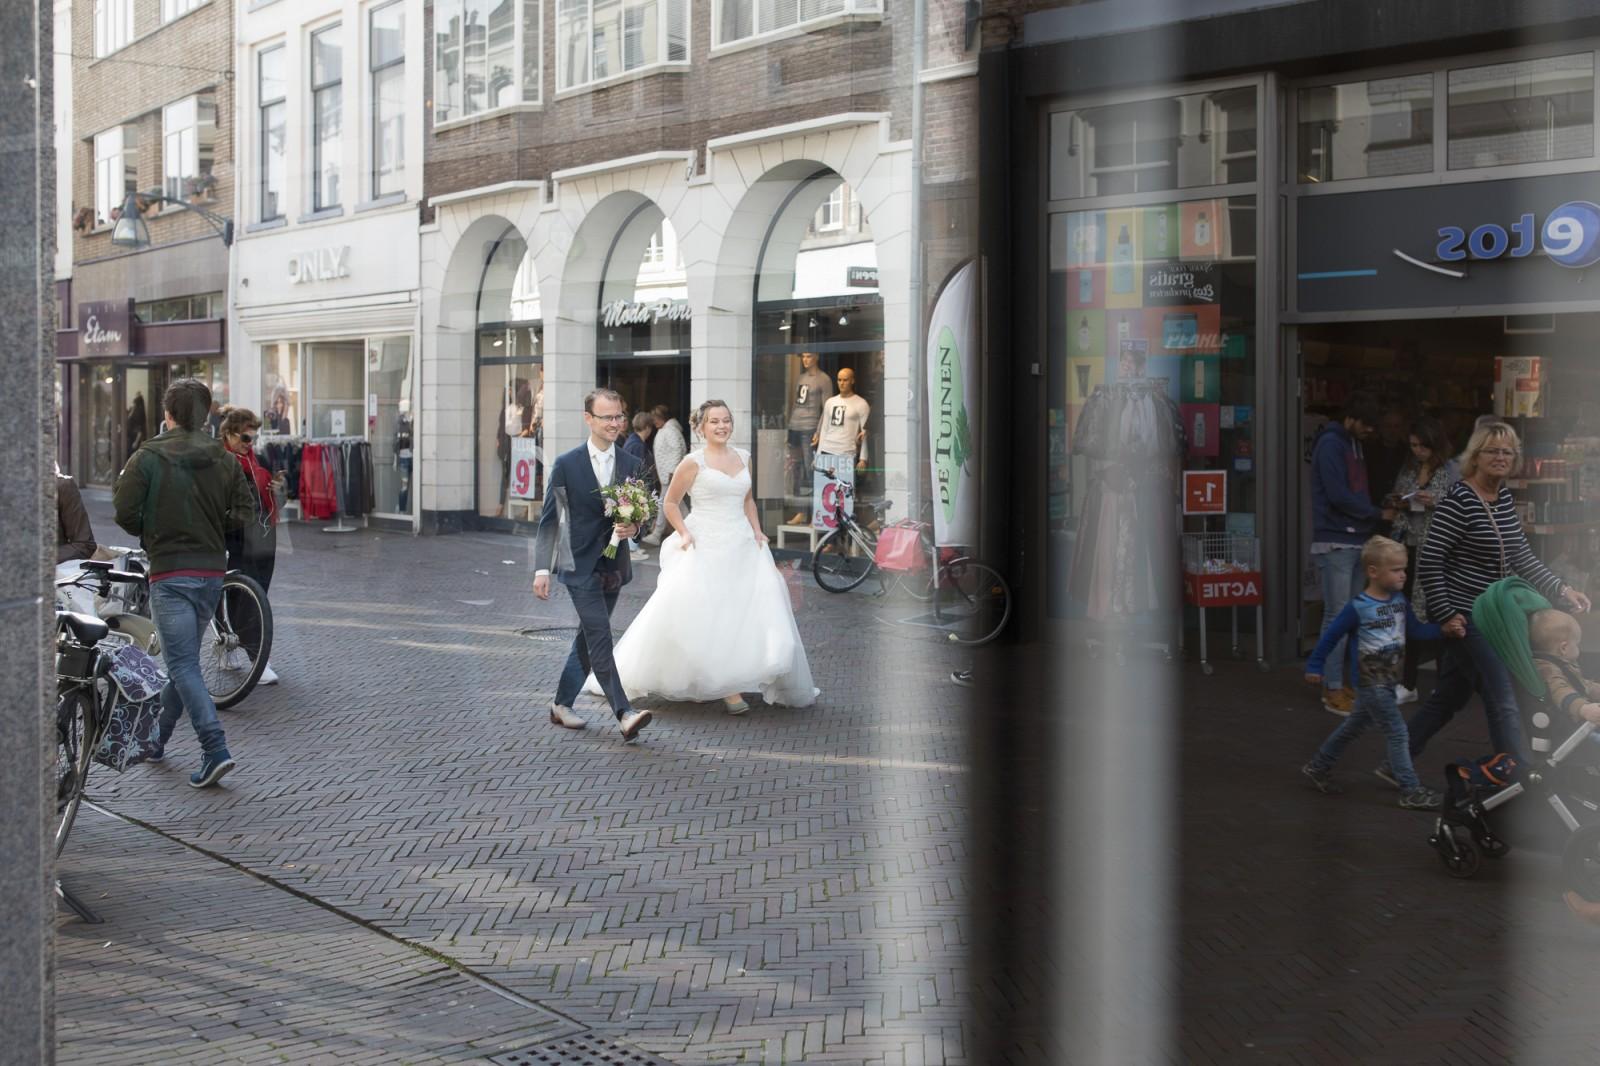 Bruidsreportage in het winkelcentrum van Deventer